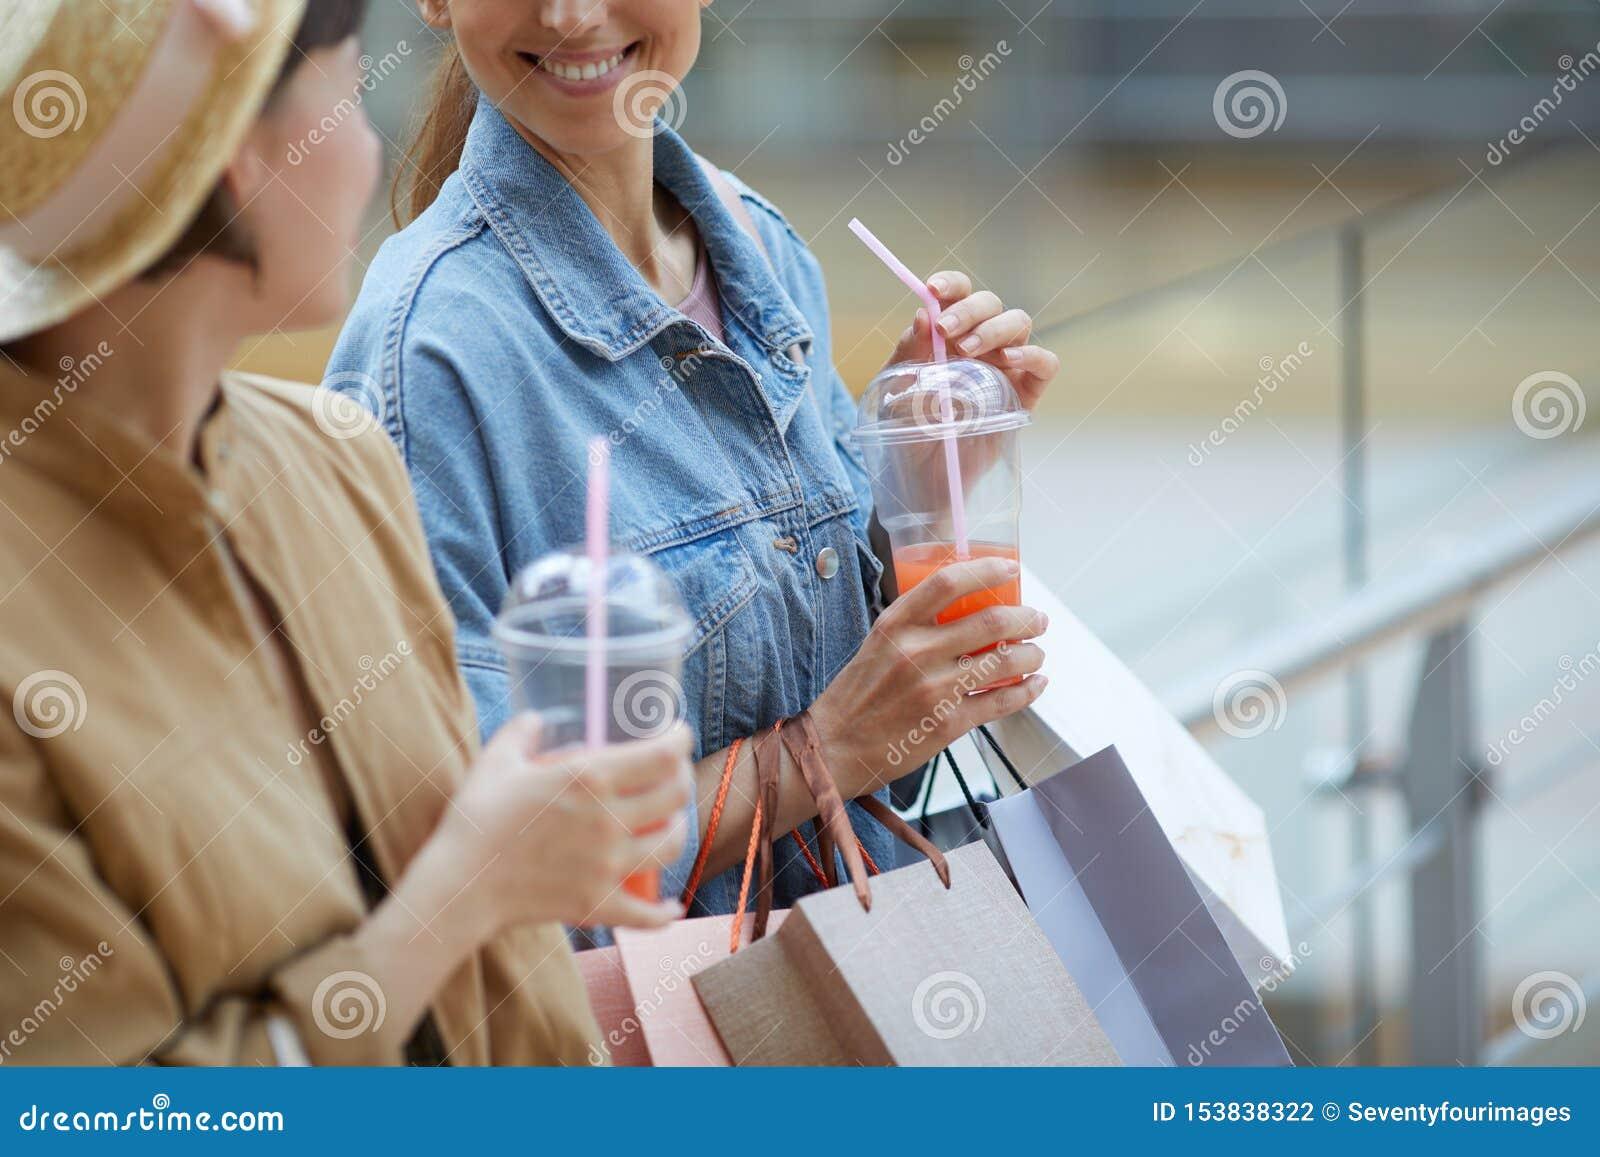 Dricka ny fruktsaft, når att ha shoppat